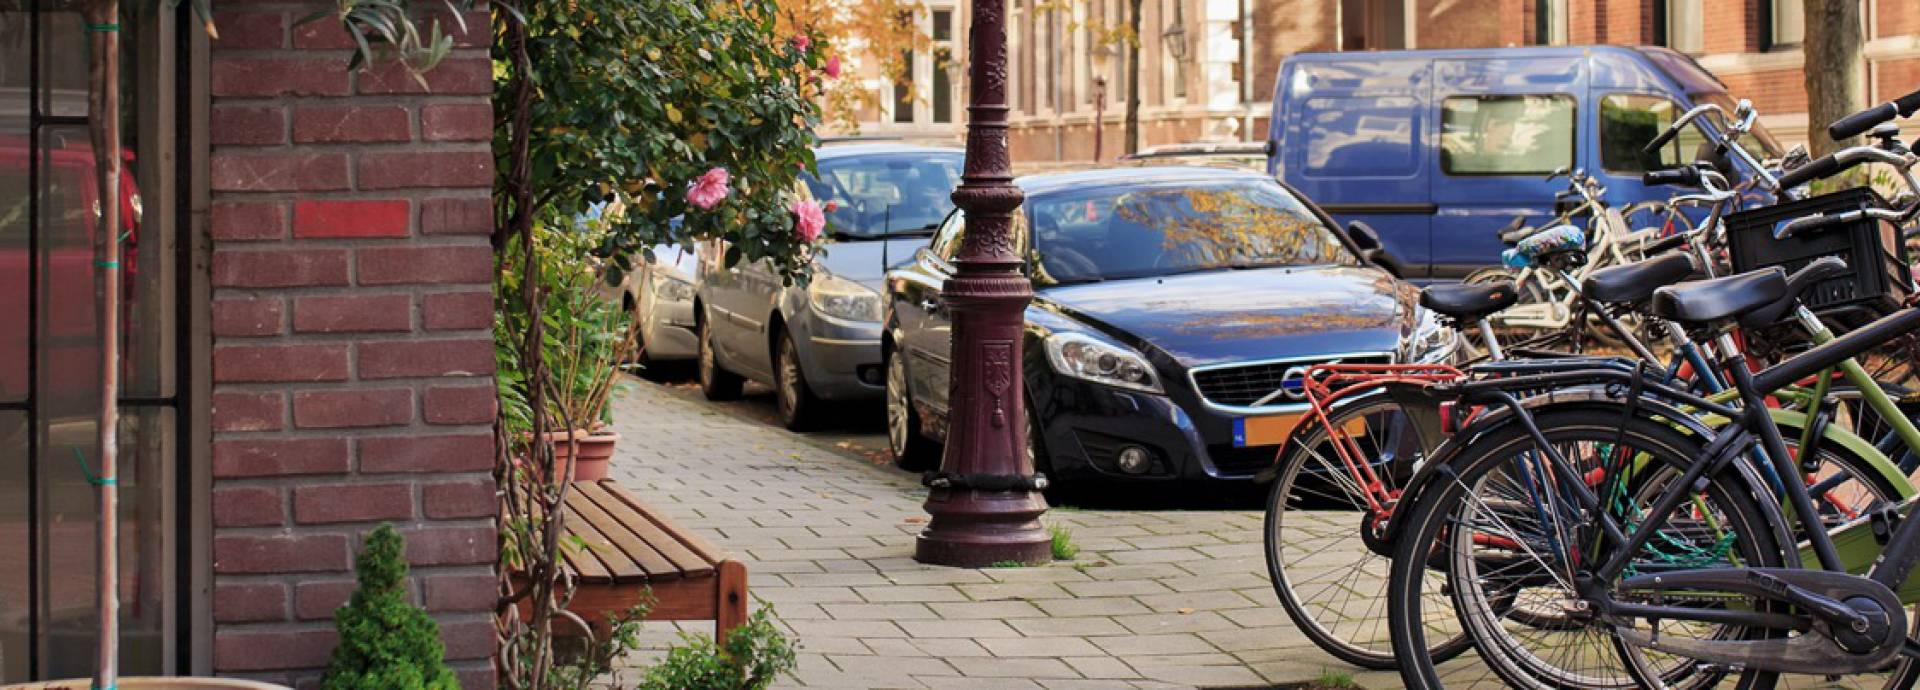 Straat met auto en fietsen